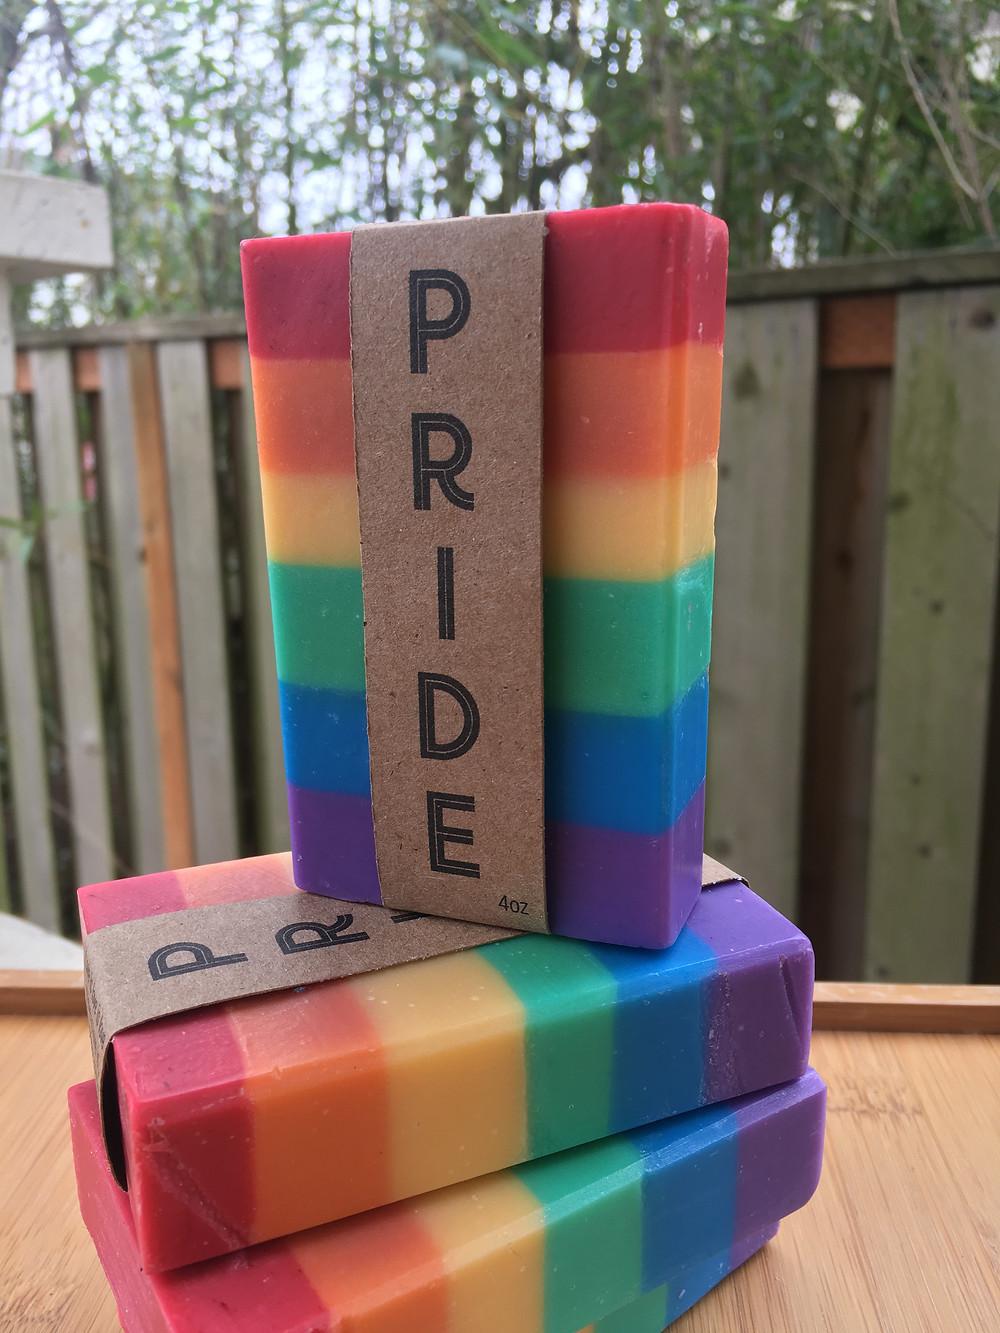 PRIDE soap based on the LGBTQ pride flag